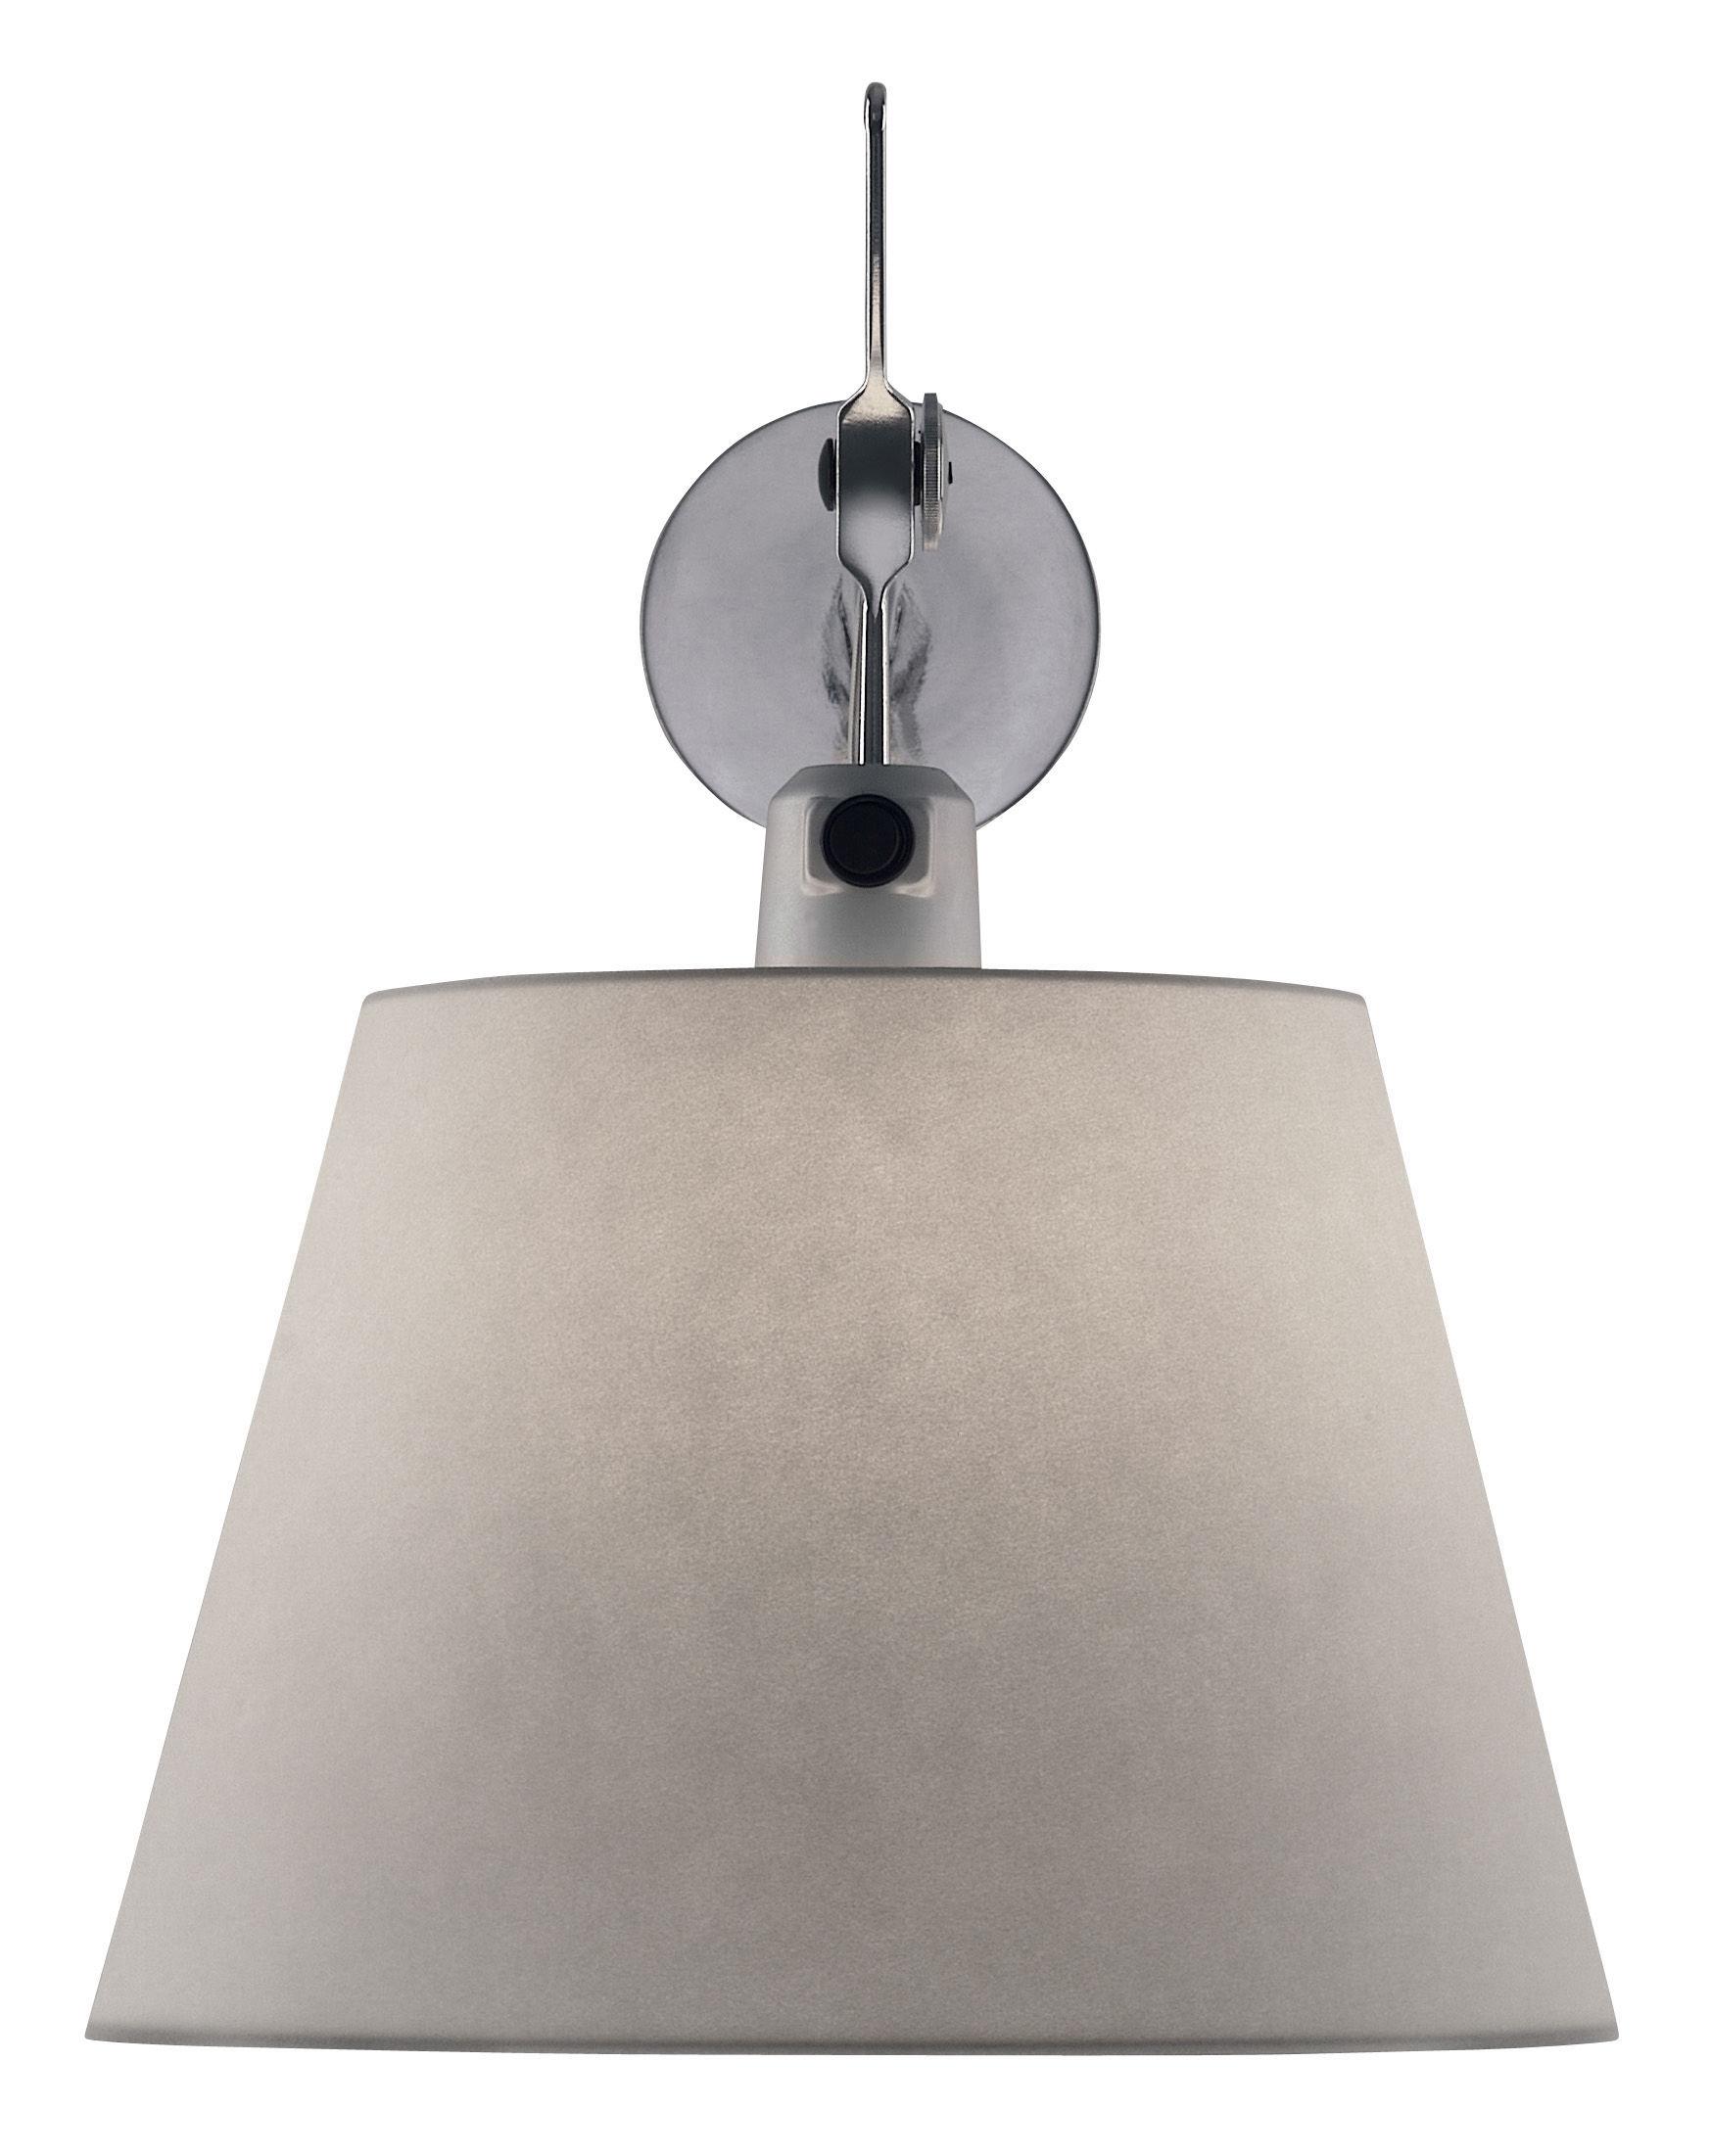 Leuchten - Wandleuchten - Tolomeo Wandleuchte Ø 24 cm - Artemide - Grauer Satin - Aluminium, Seide